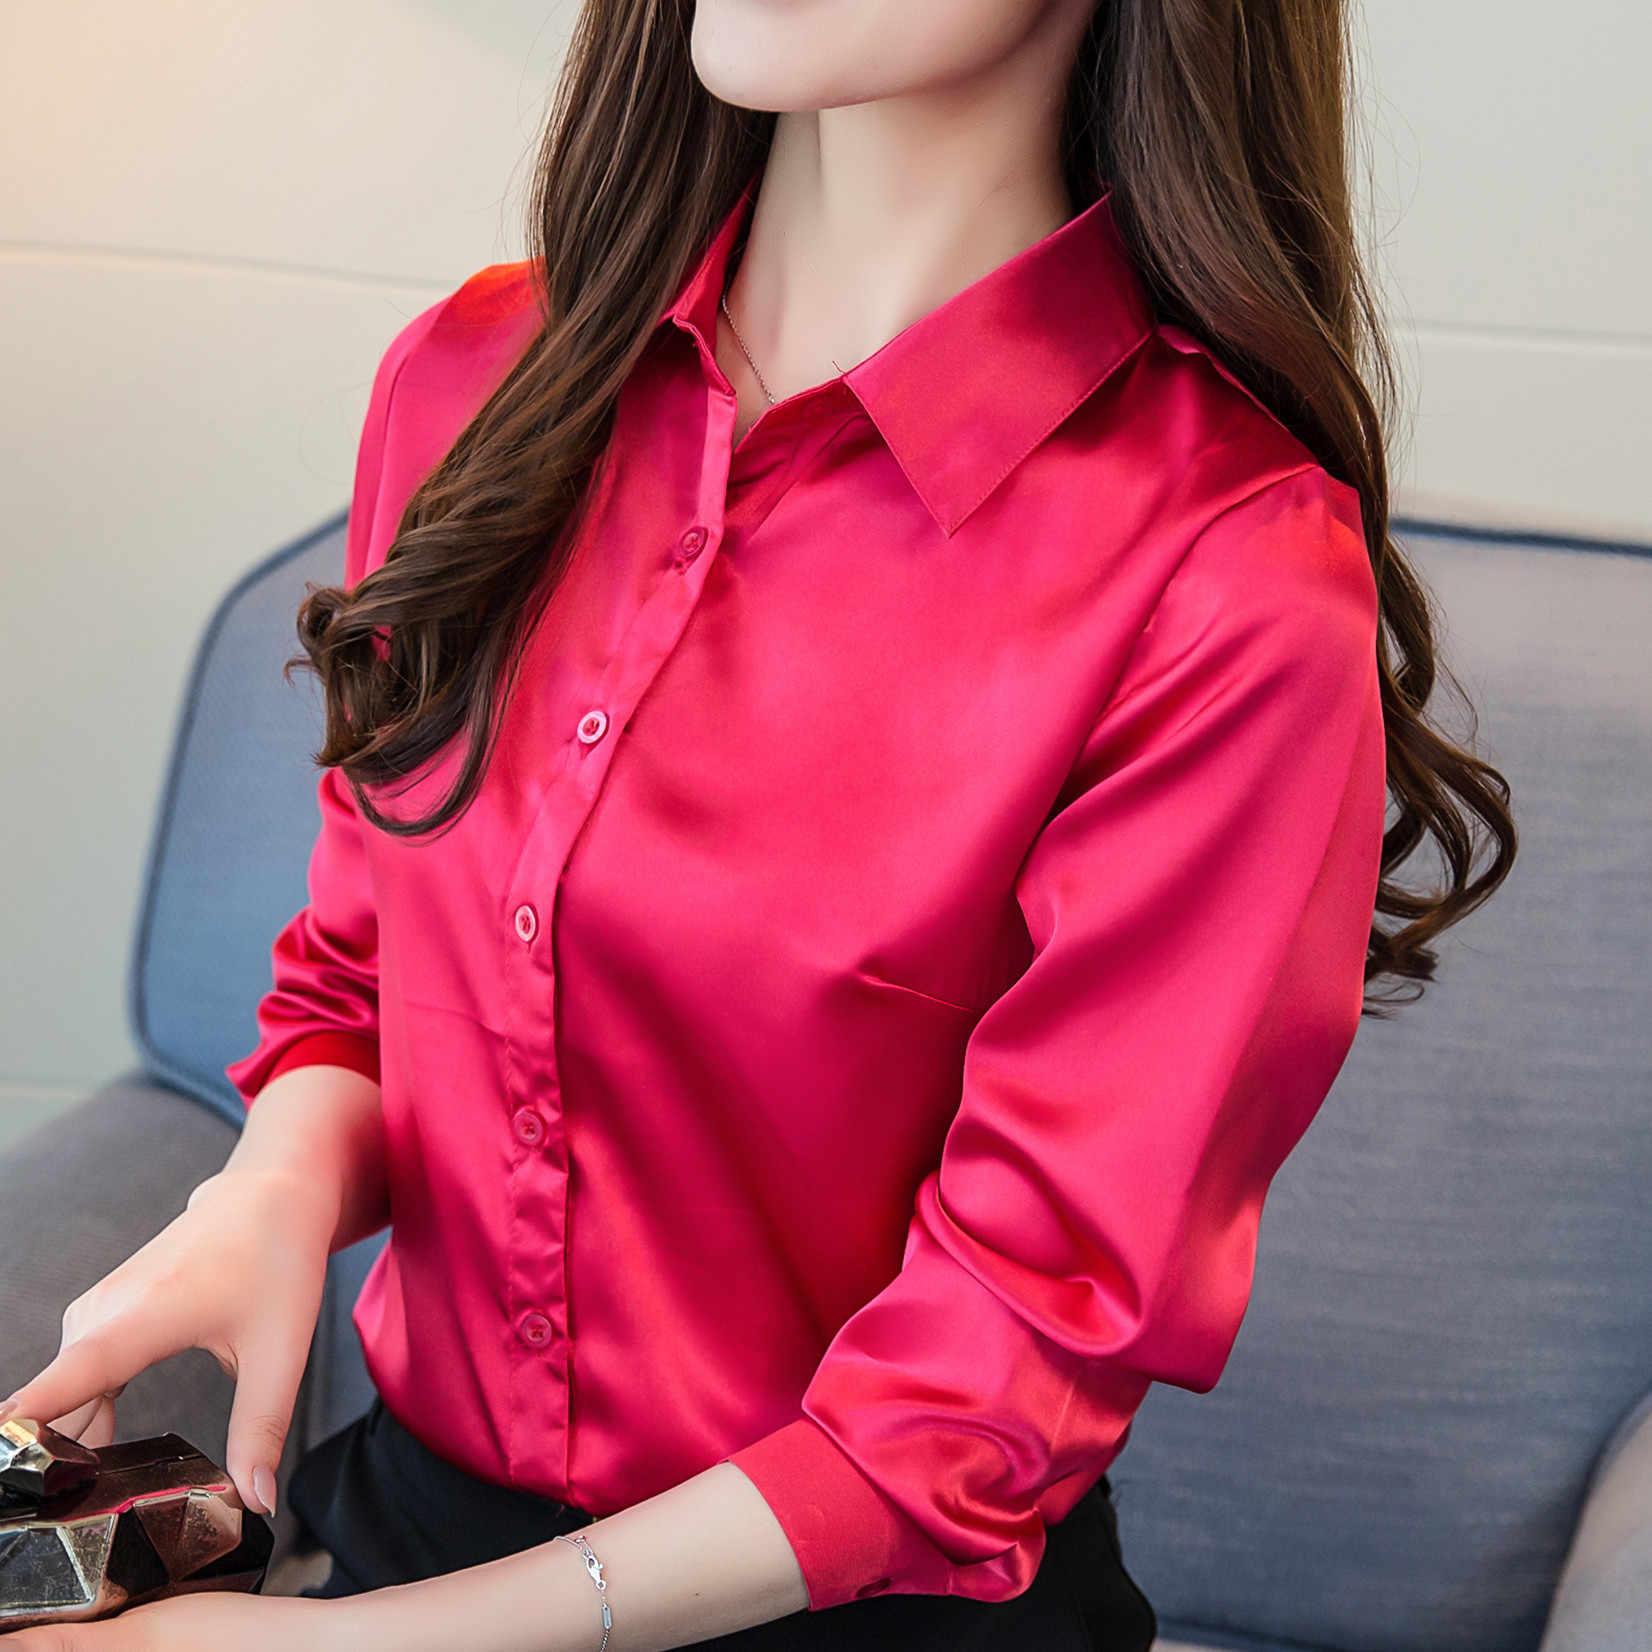 5a5876067e0 ... 2018 Весенняя блуза стрейч атласа имитация шелка Для женщин Топы  корректирующие и Блузки для малышек рубашка ...